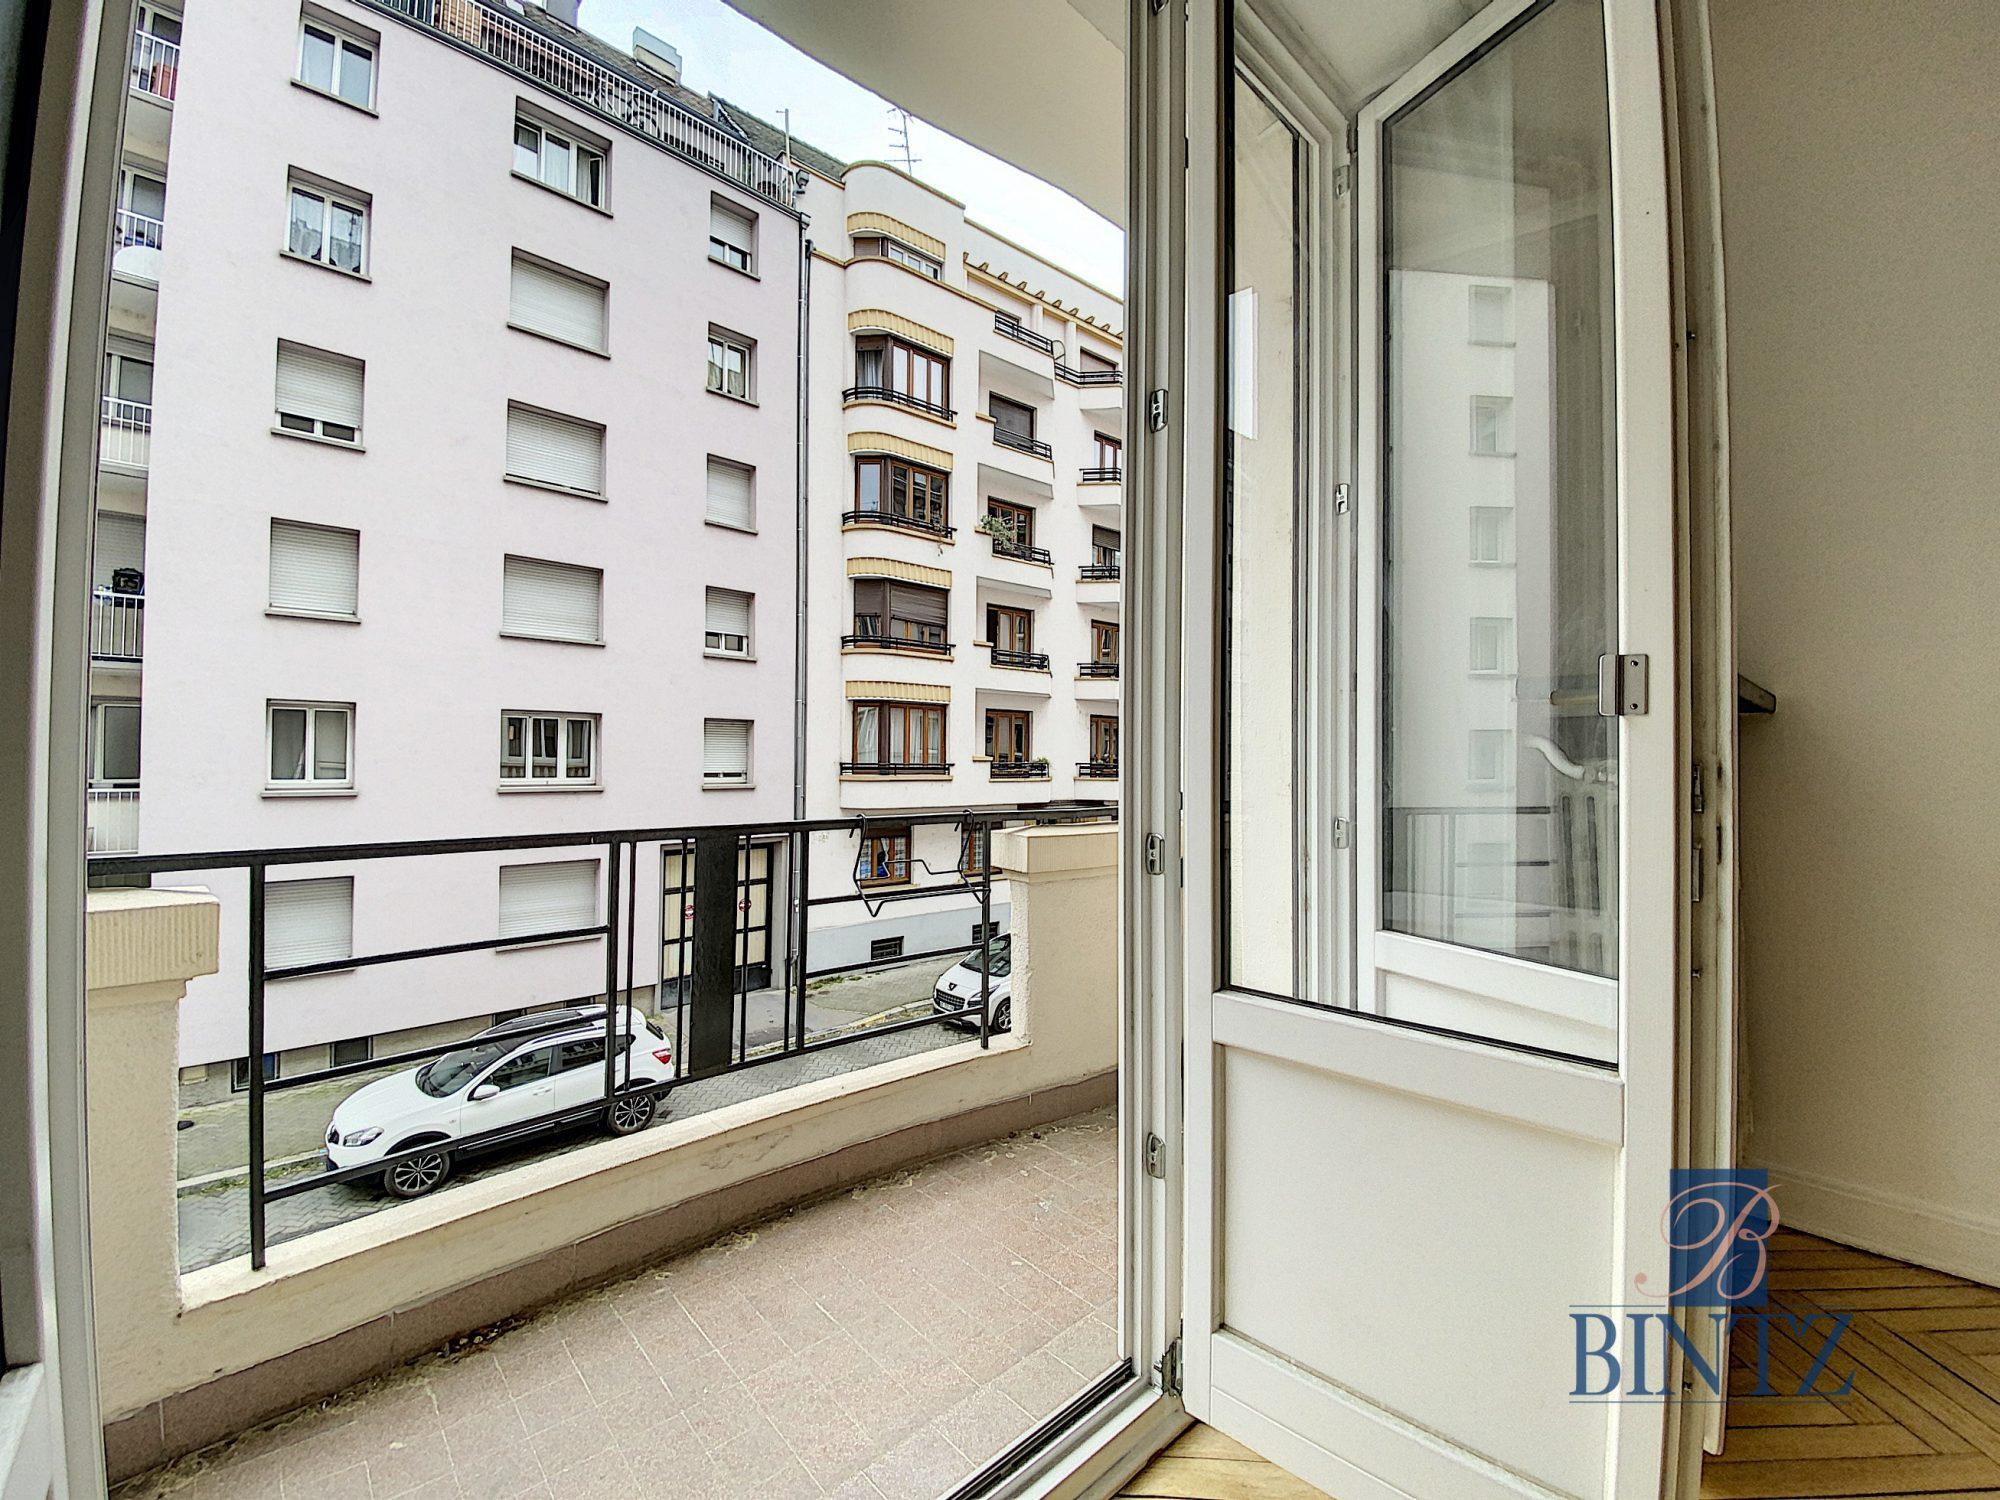 2 PIÈCES KRUTENAU - Devenez locataire en toute sérénité - Bintz Immobilier - 14